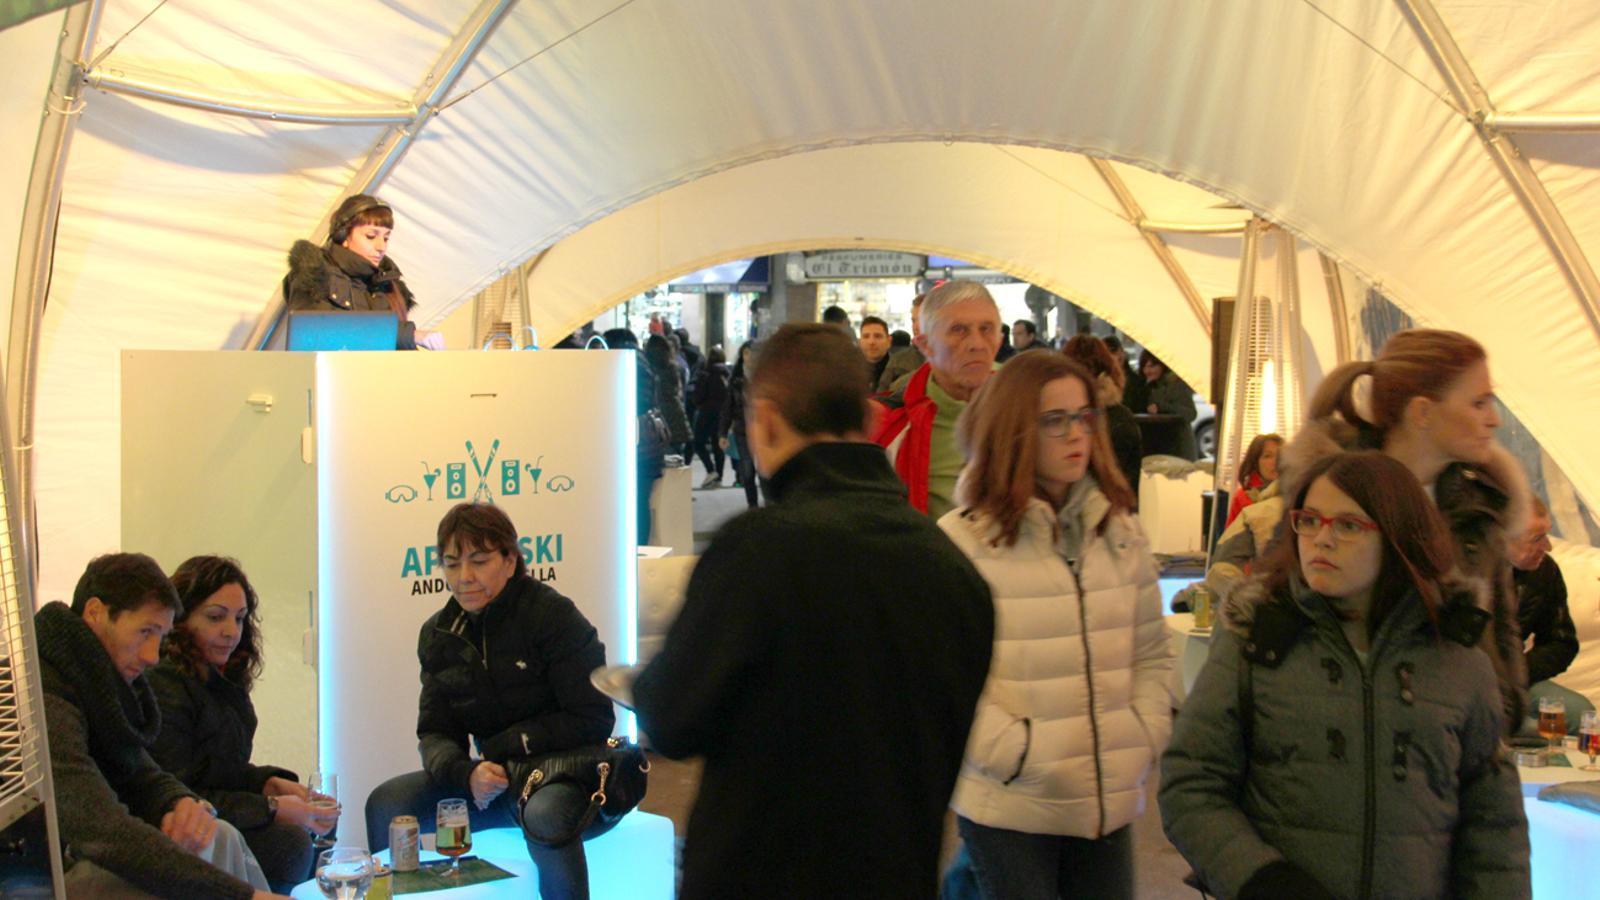 Envelat de l''après ski' a la plaça de la Rotonda d'Andorra la Vella, aquest dissabte